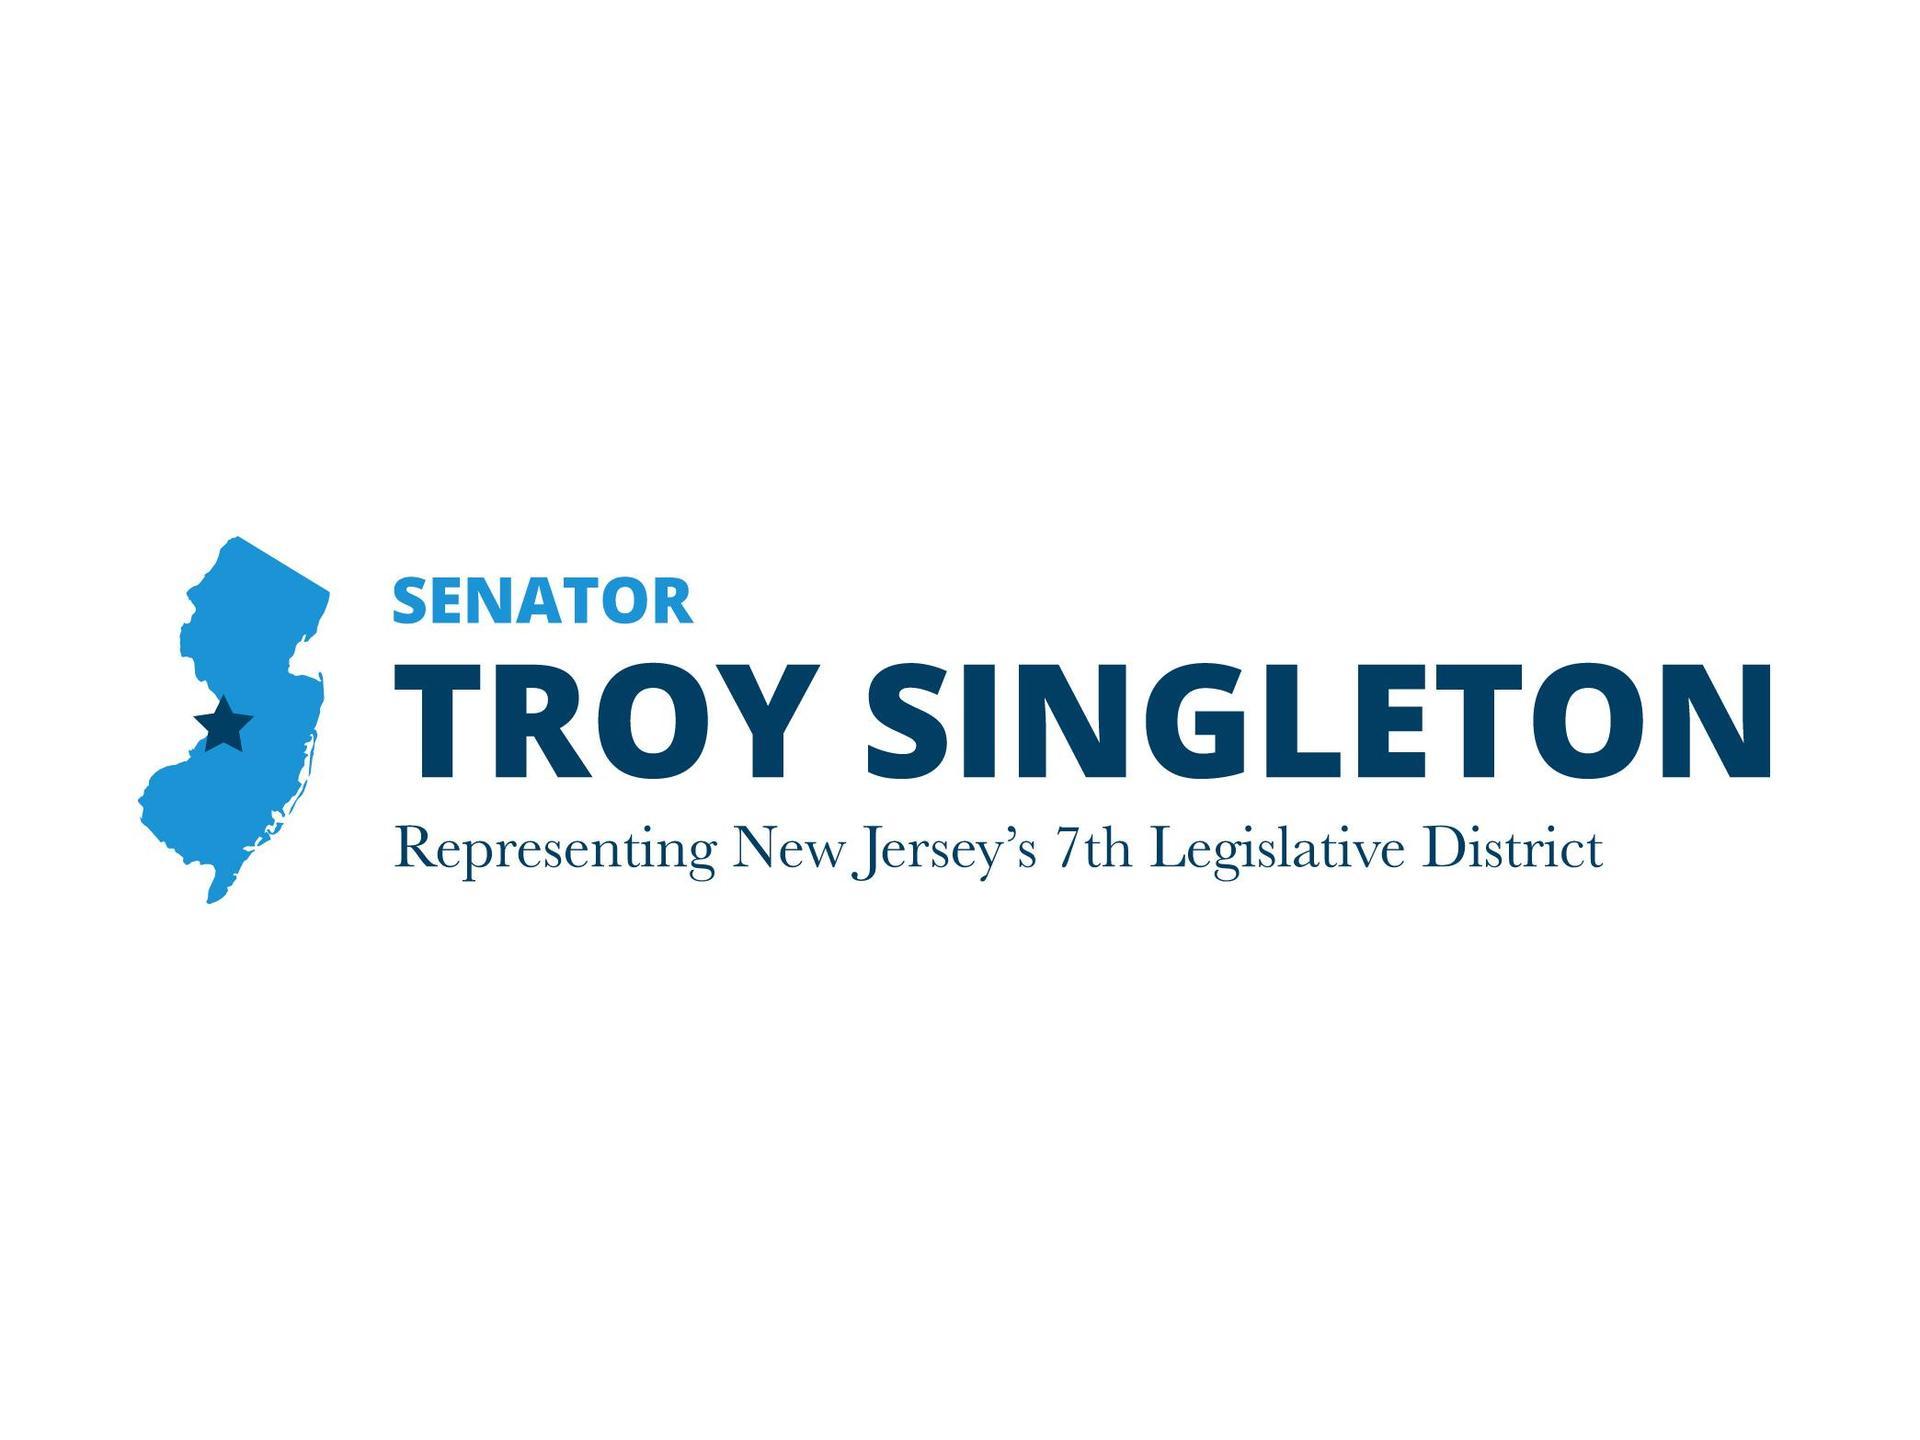 Senator Troy Singleton